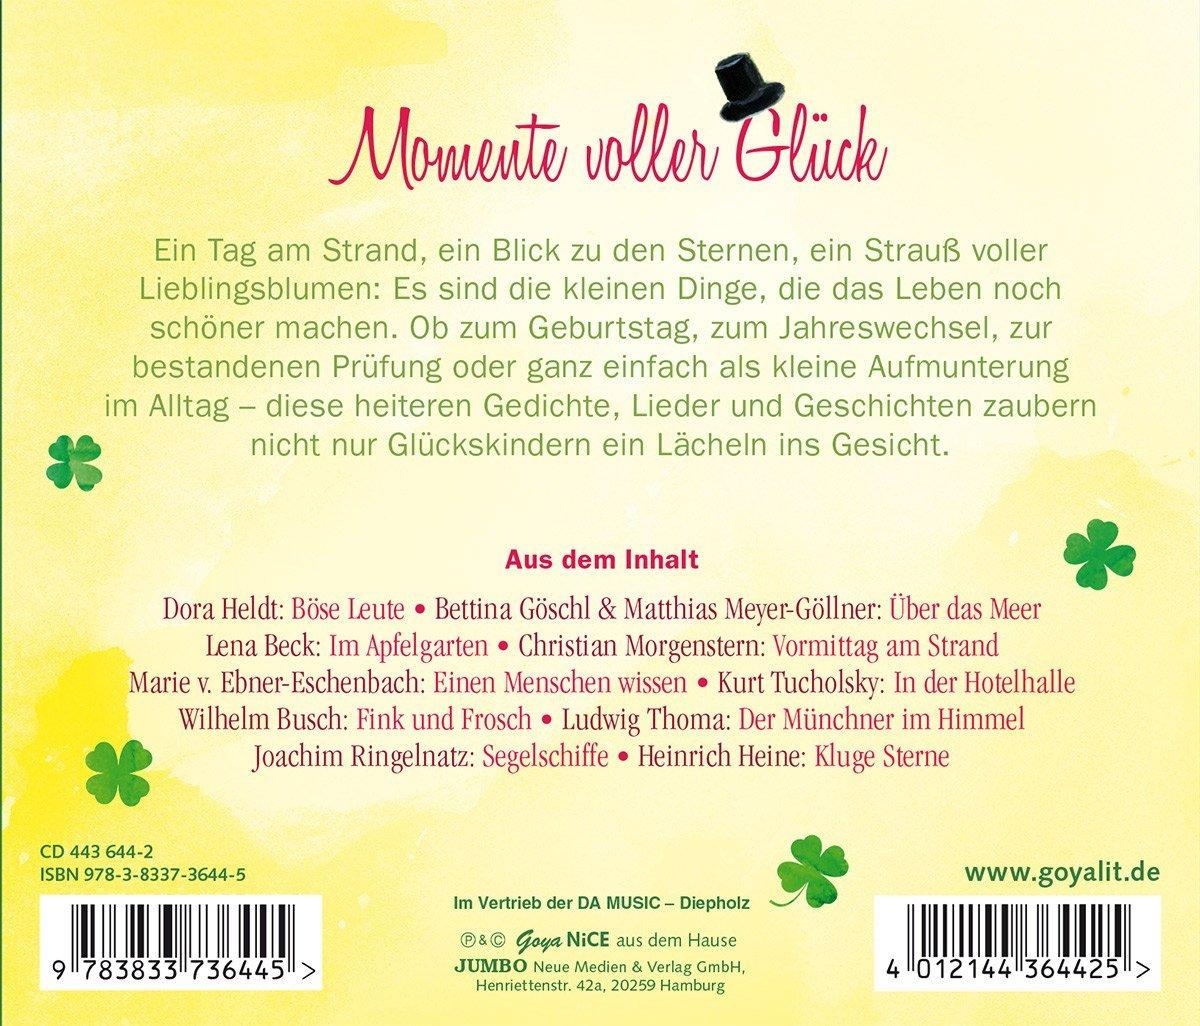 Viel Glck Und Alles Gute Gedichte Lieder Und Ge Amazon Com Music